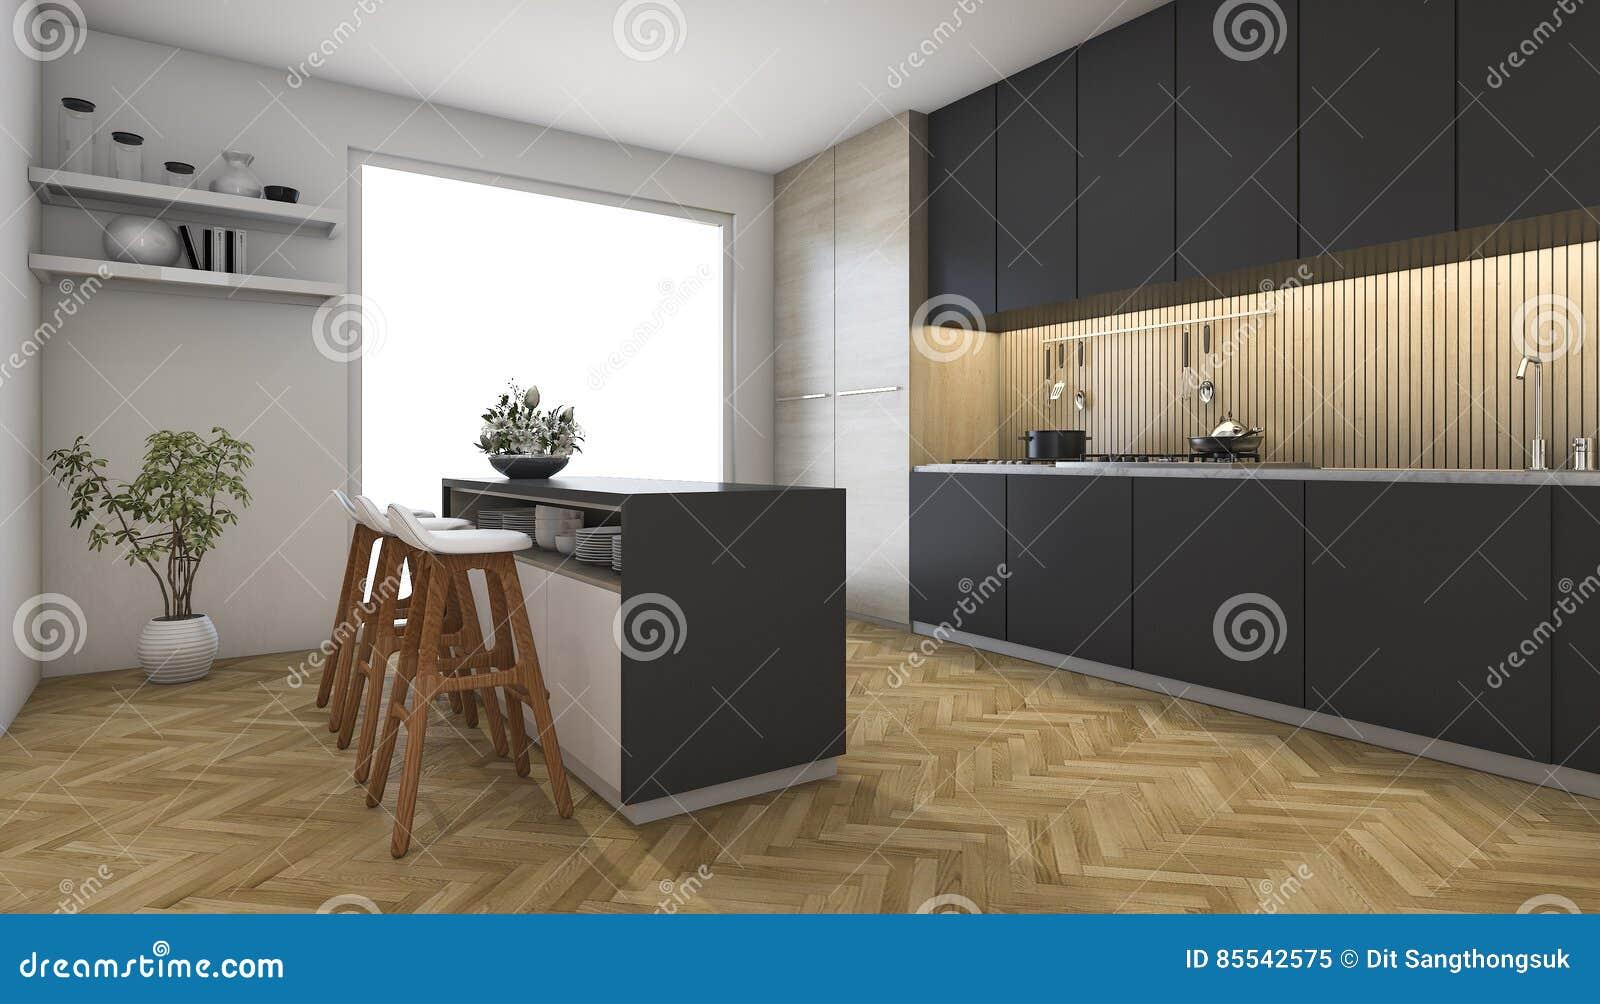 Holzfußboden In Der Küche ~ 3d das dunkle küche mit holzfußboden nahe fenster überträgt stock